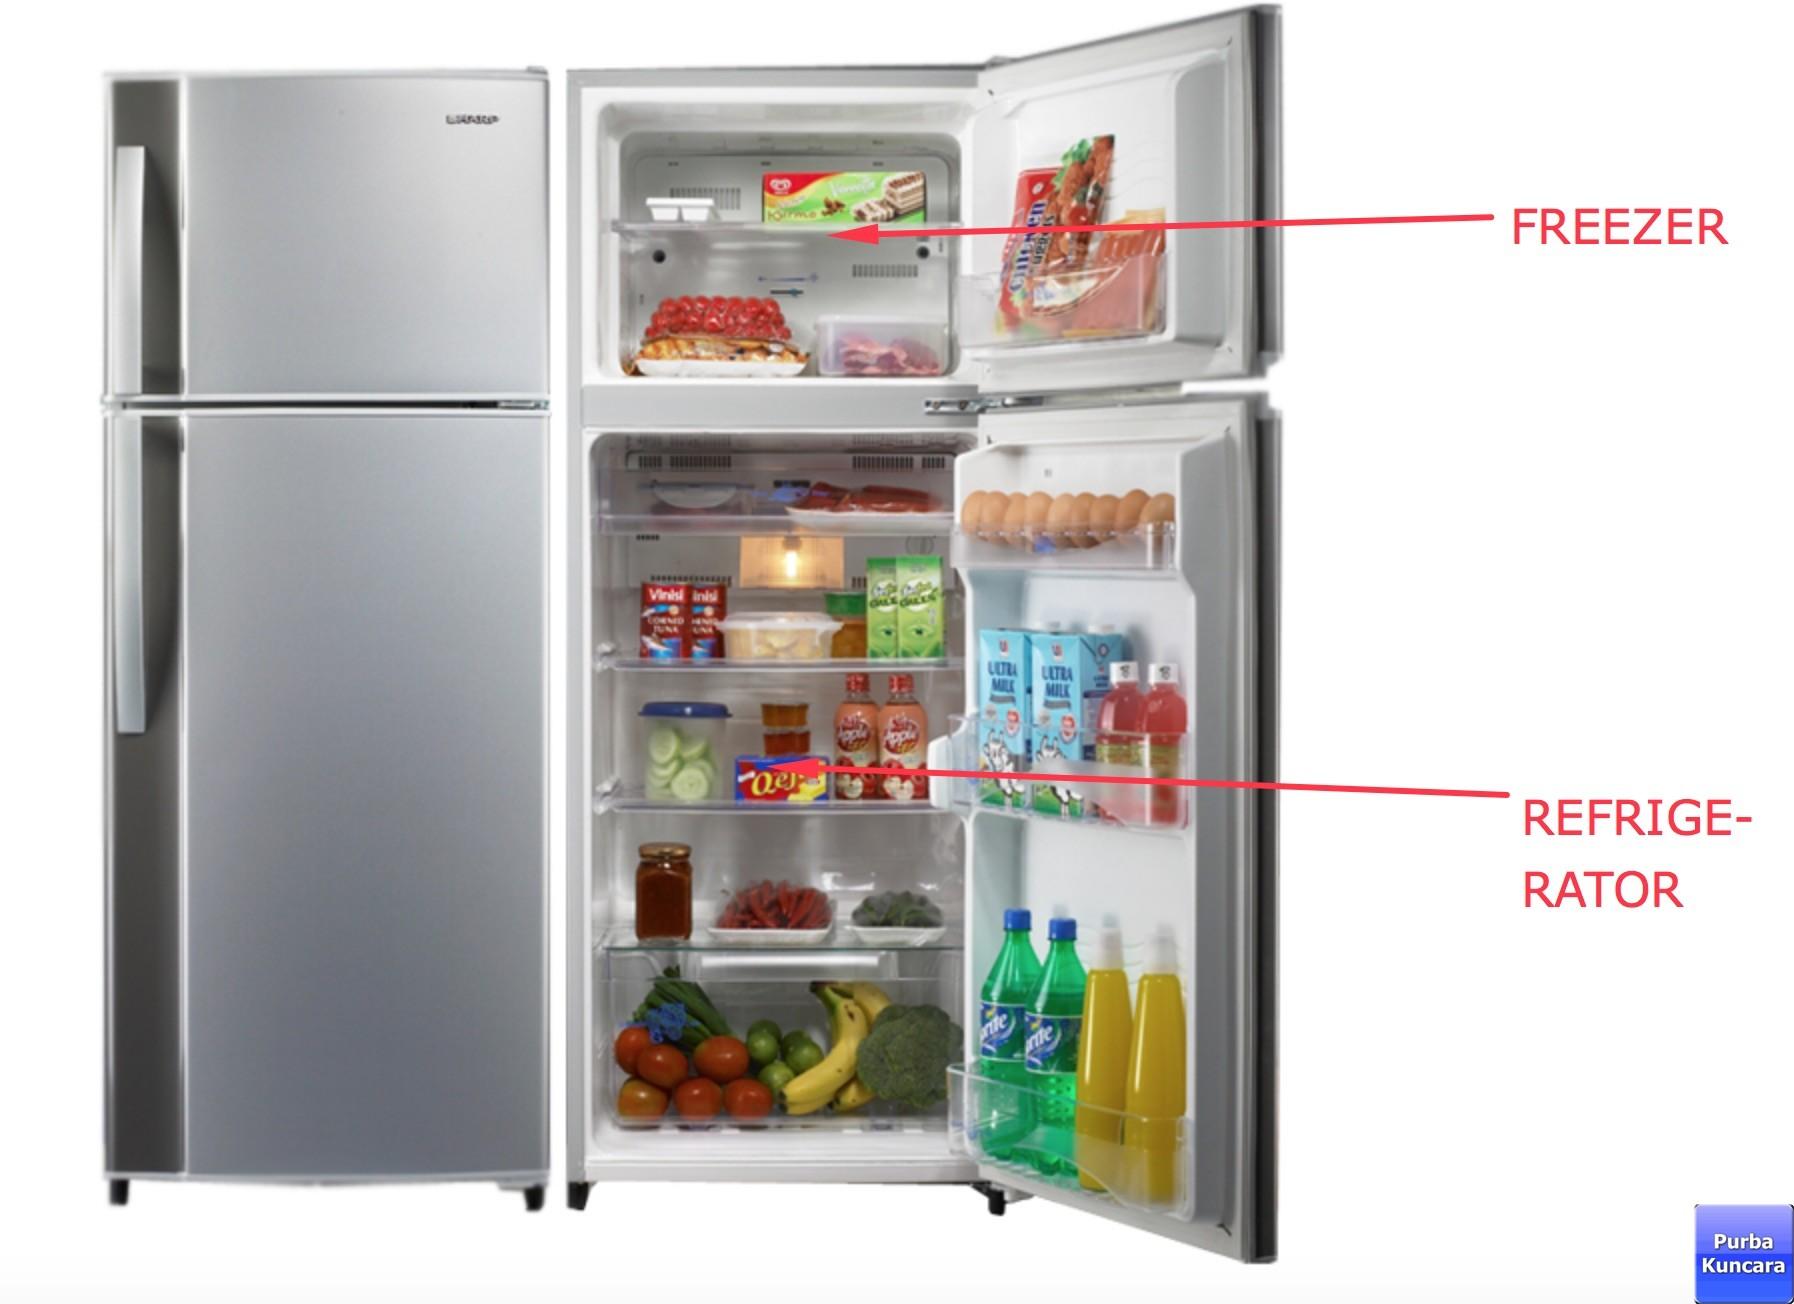 Sedang Freezer Adalah Alat Untuk Membuat Makanan Dan Minuman Jadi Beku Tentu Derajat Dinginnya Lebih Rendah